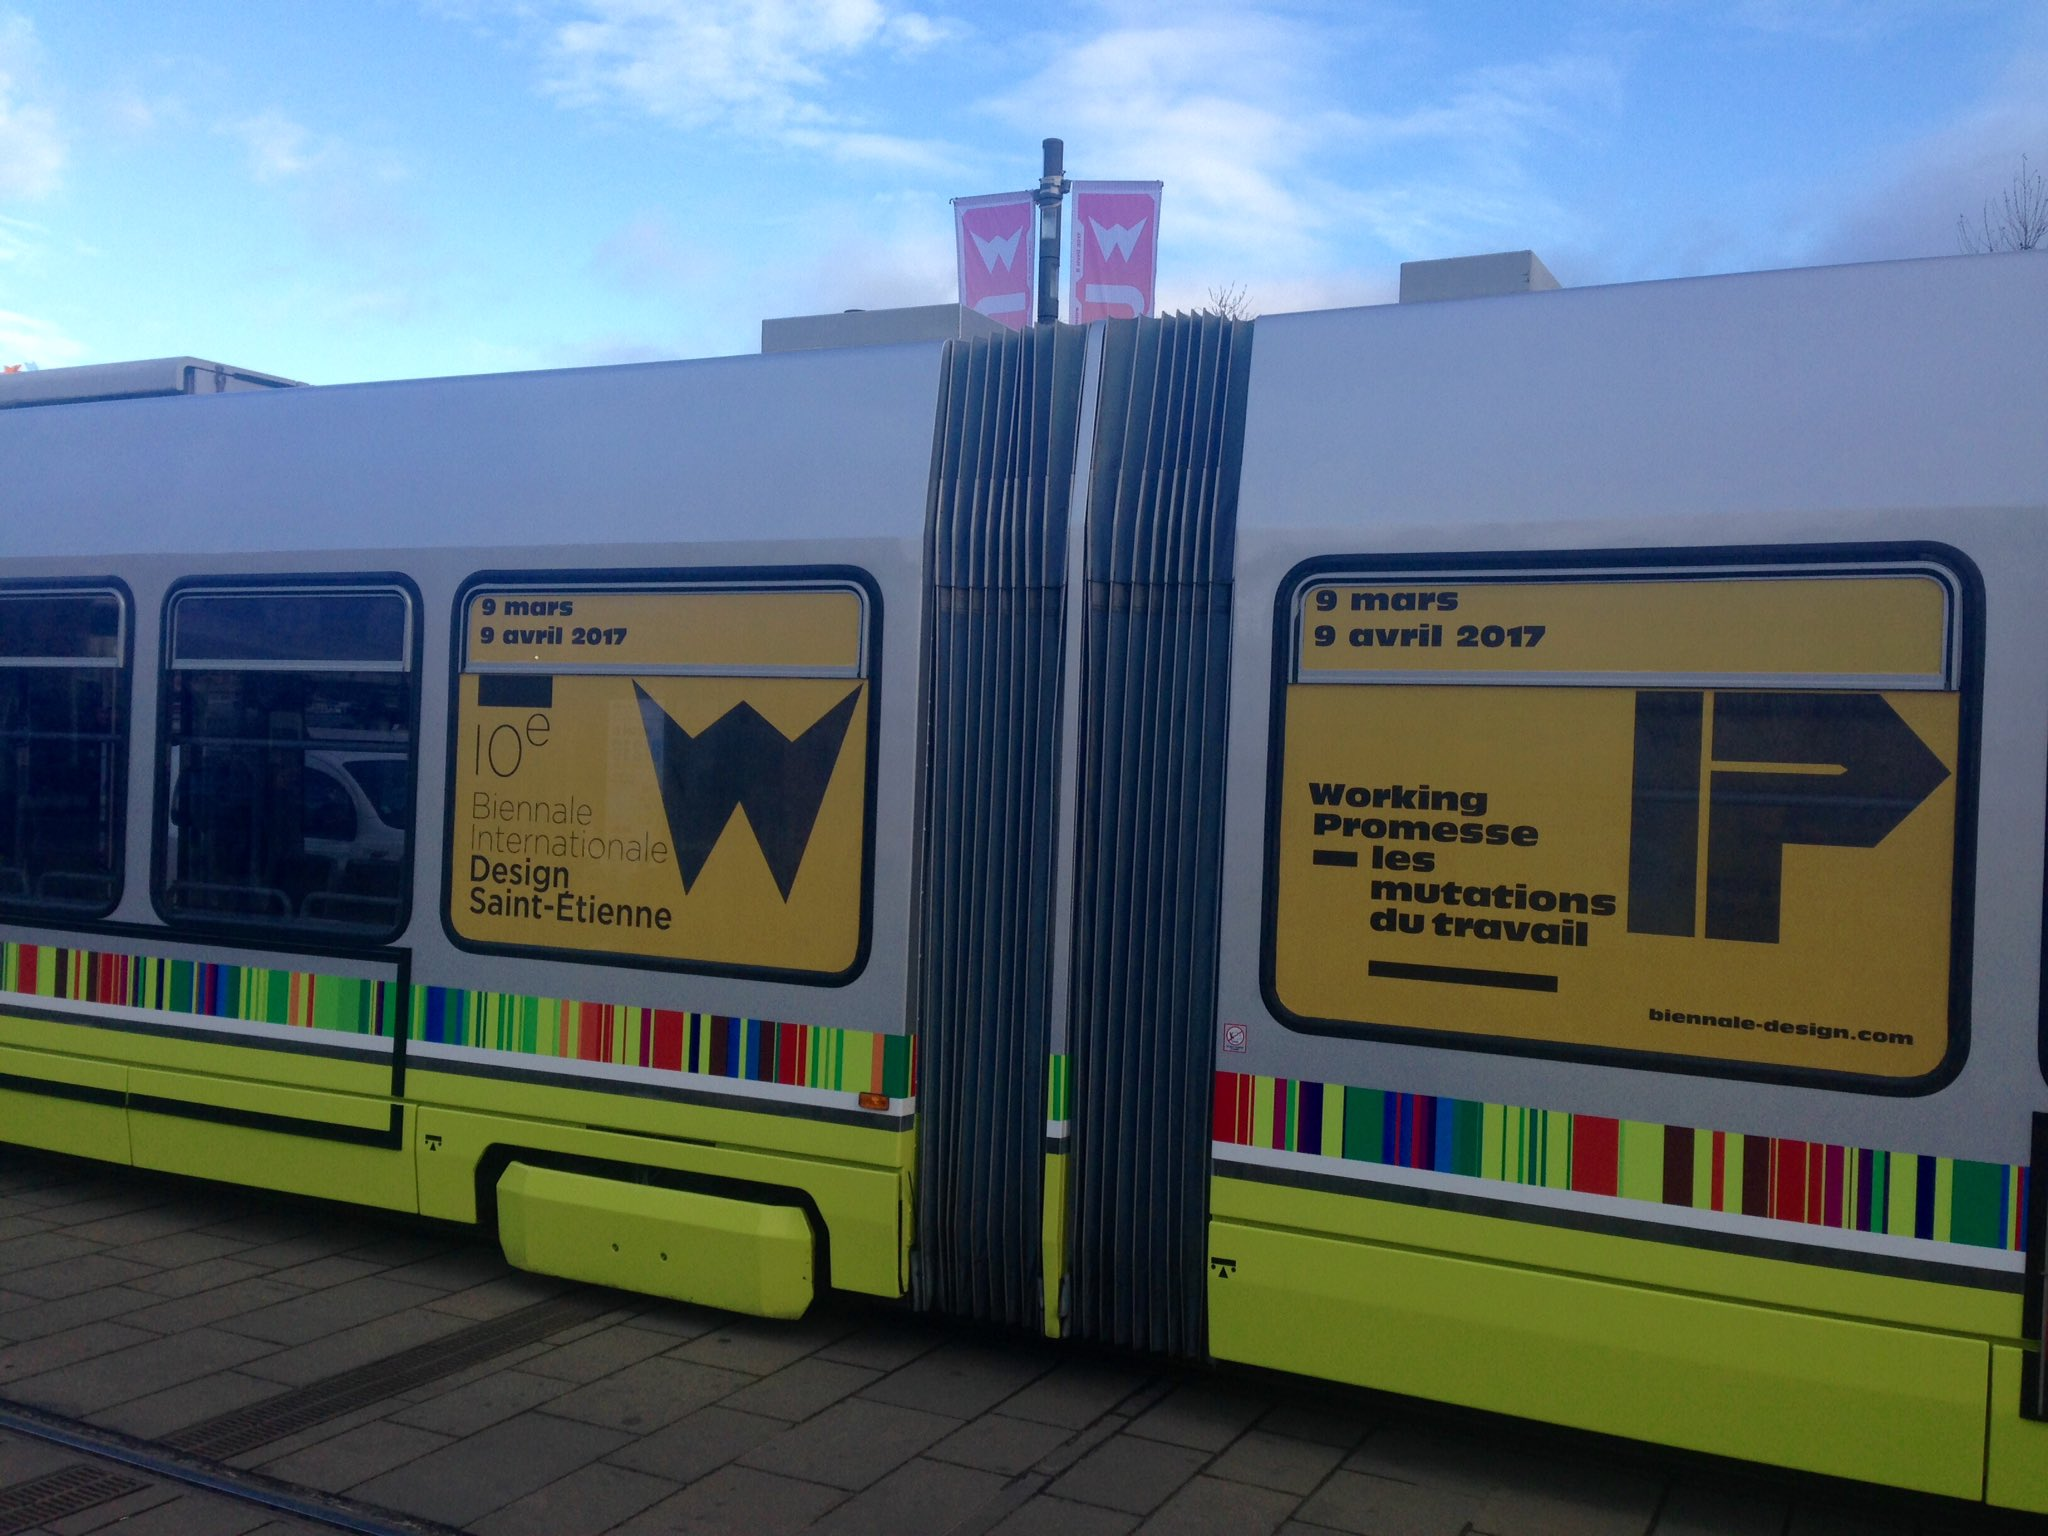 Les tramways de @saint_etienne_ @STAS_Officiel se parent des couleurs de la 10e #biennaledesign17 😍 https://t.co/s5n7lg2Xaw